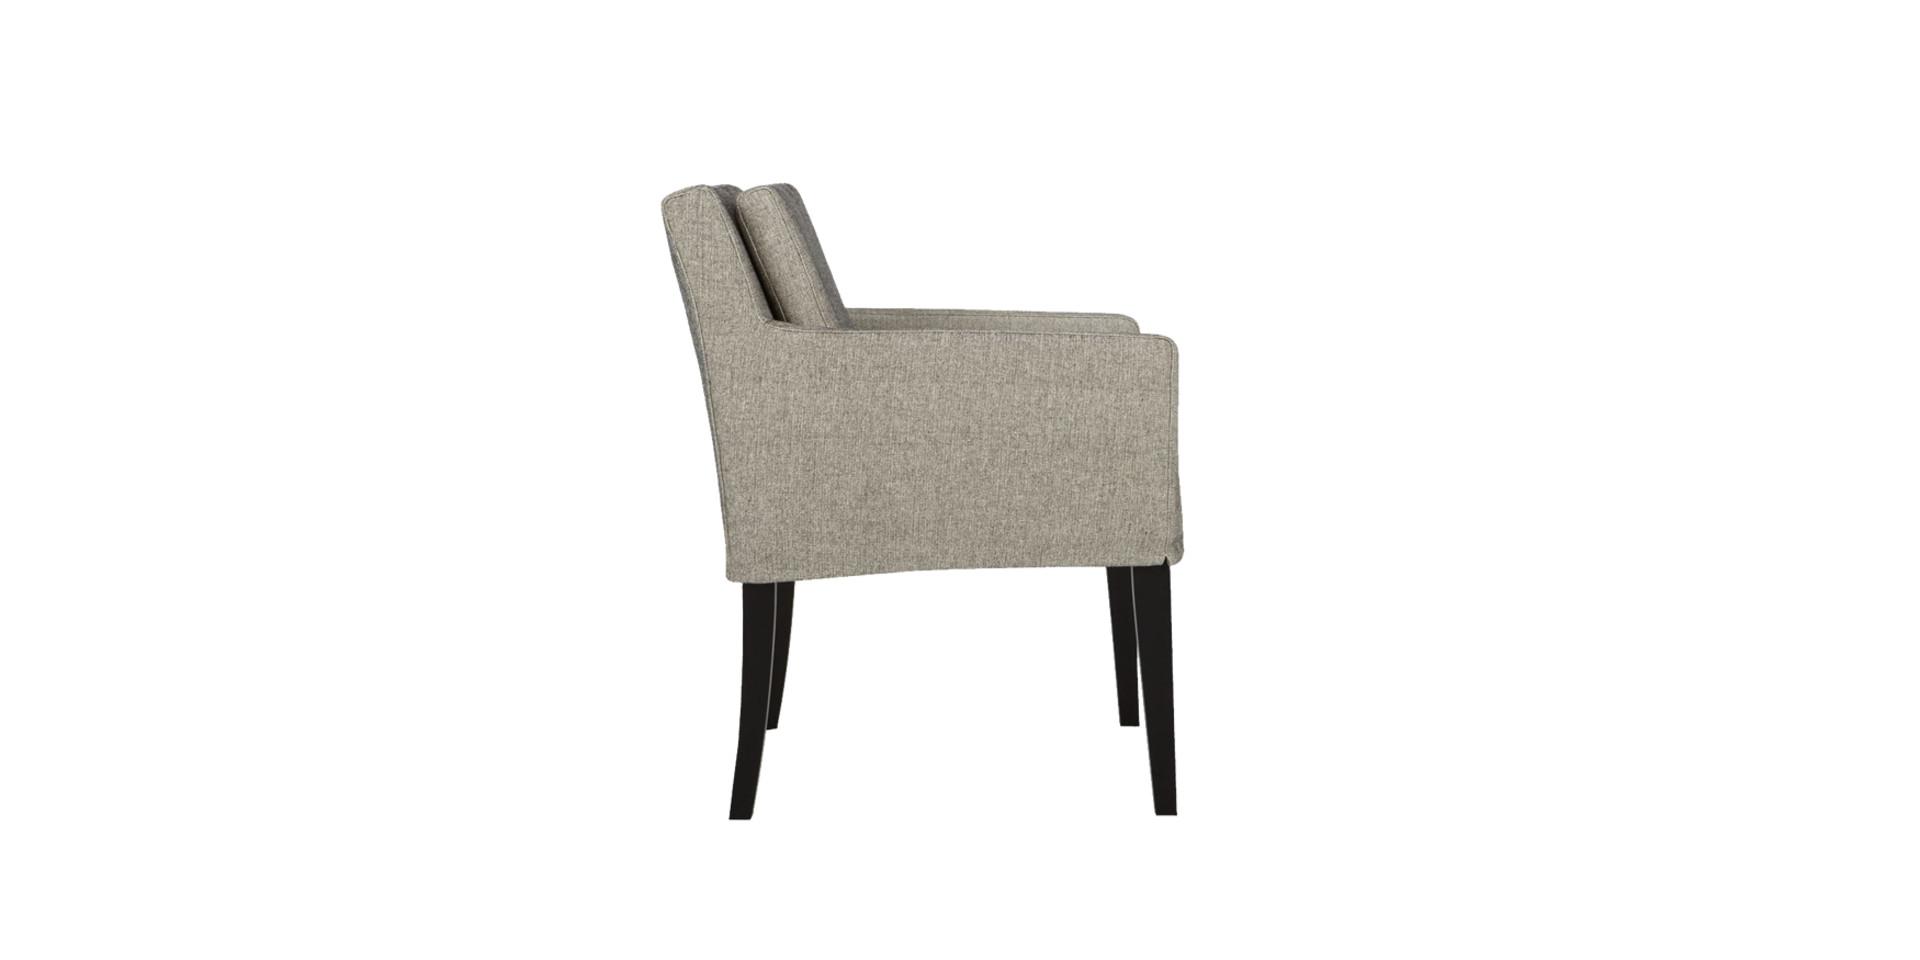 sits-venezia-fauteuil-chair_zen3_black_white_2